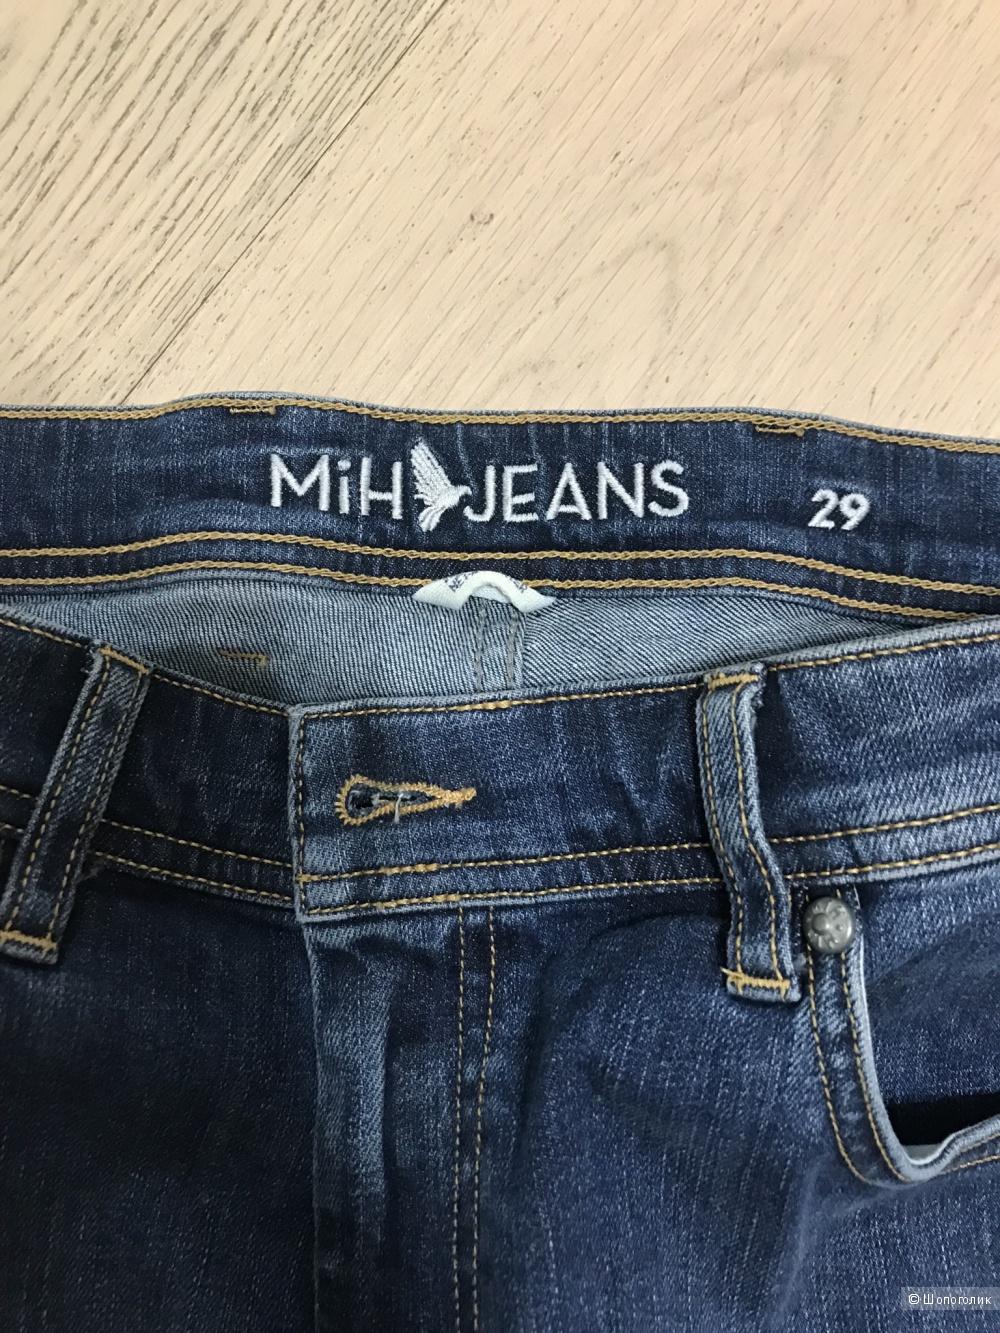 Джинсы клеш M.I.H, 29 размер.